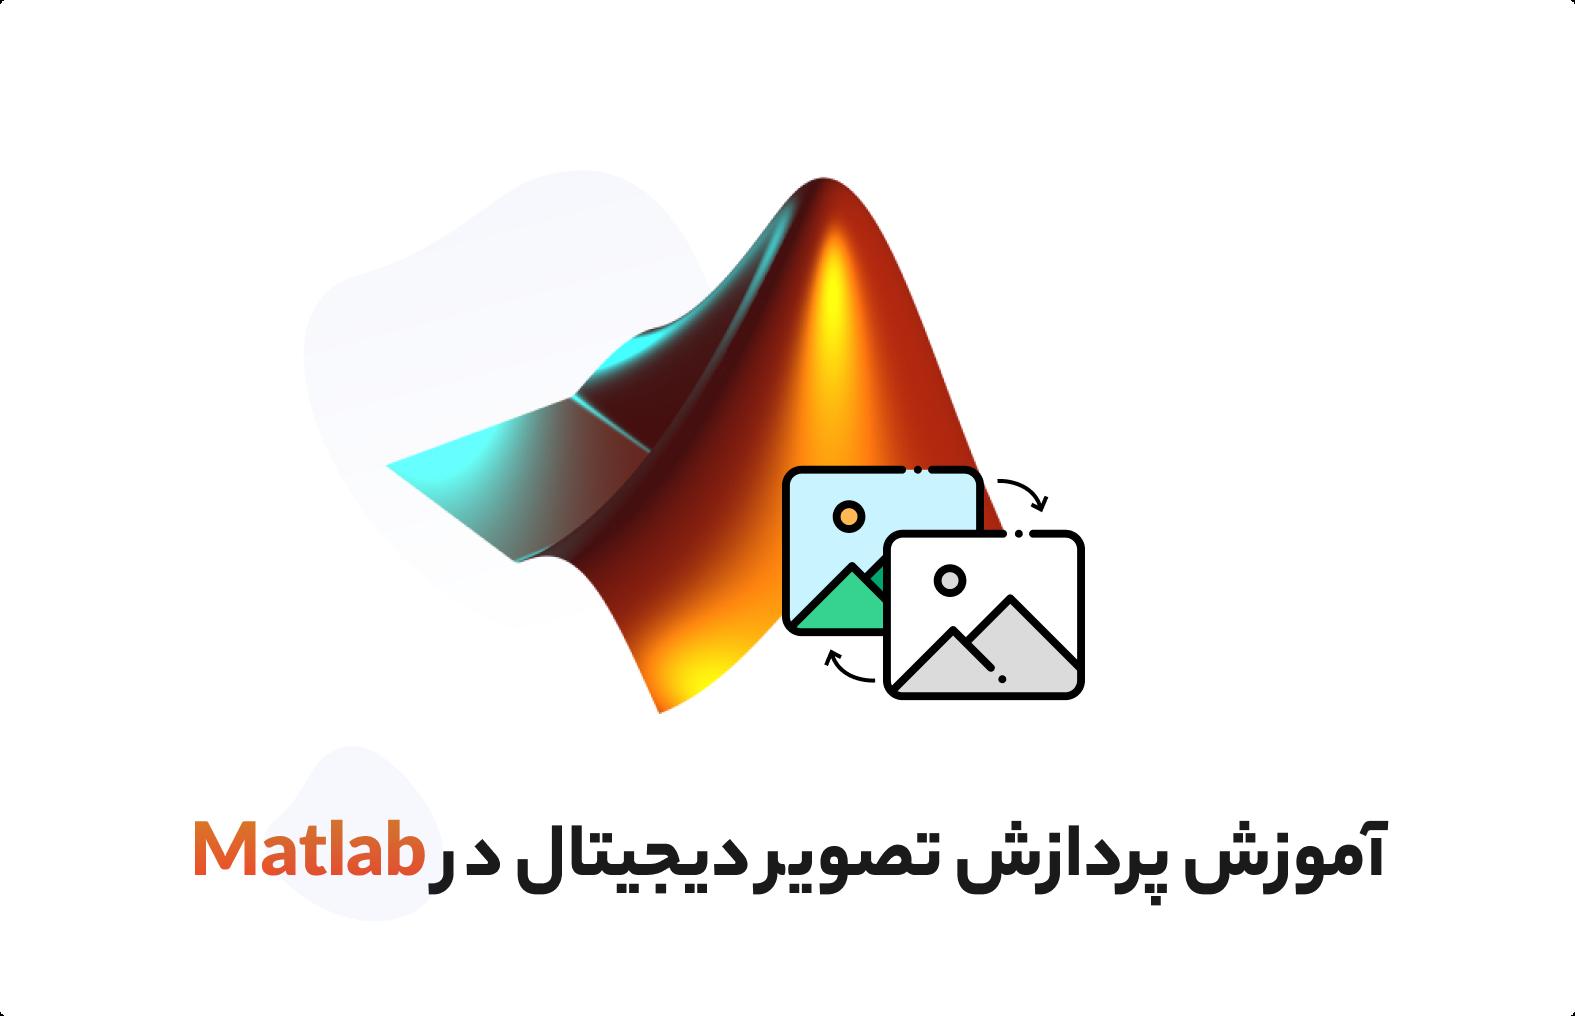 آموزش پردازش تصویر دیجیتال در Matlab